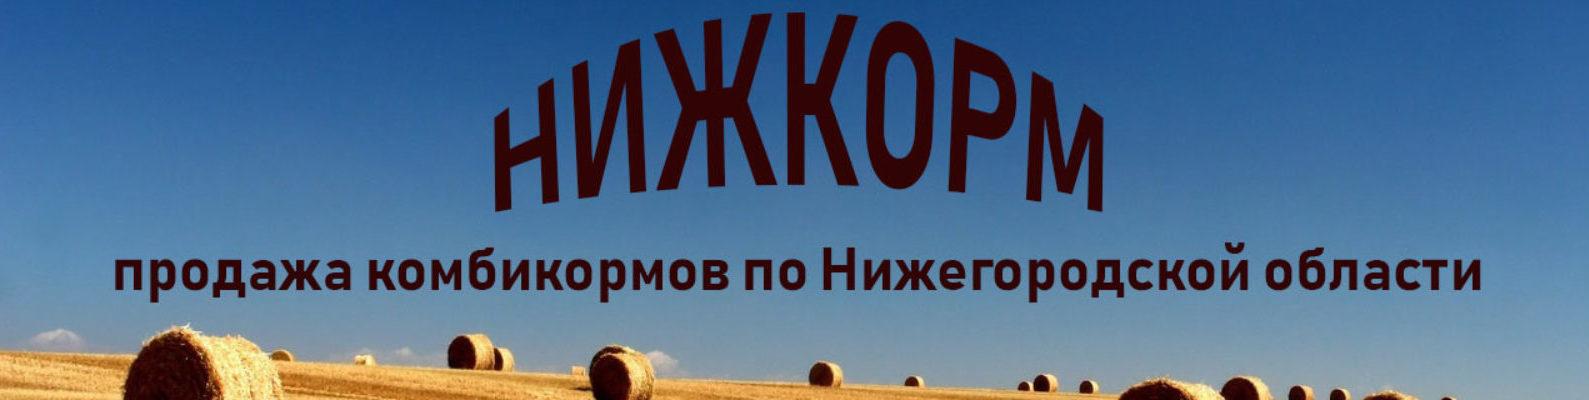 cropped-cropped-cropped-2fons.ru-24579.jpg